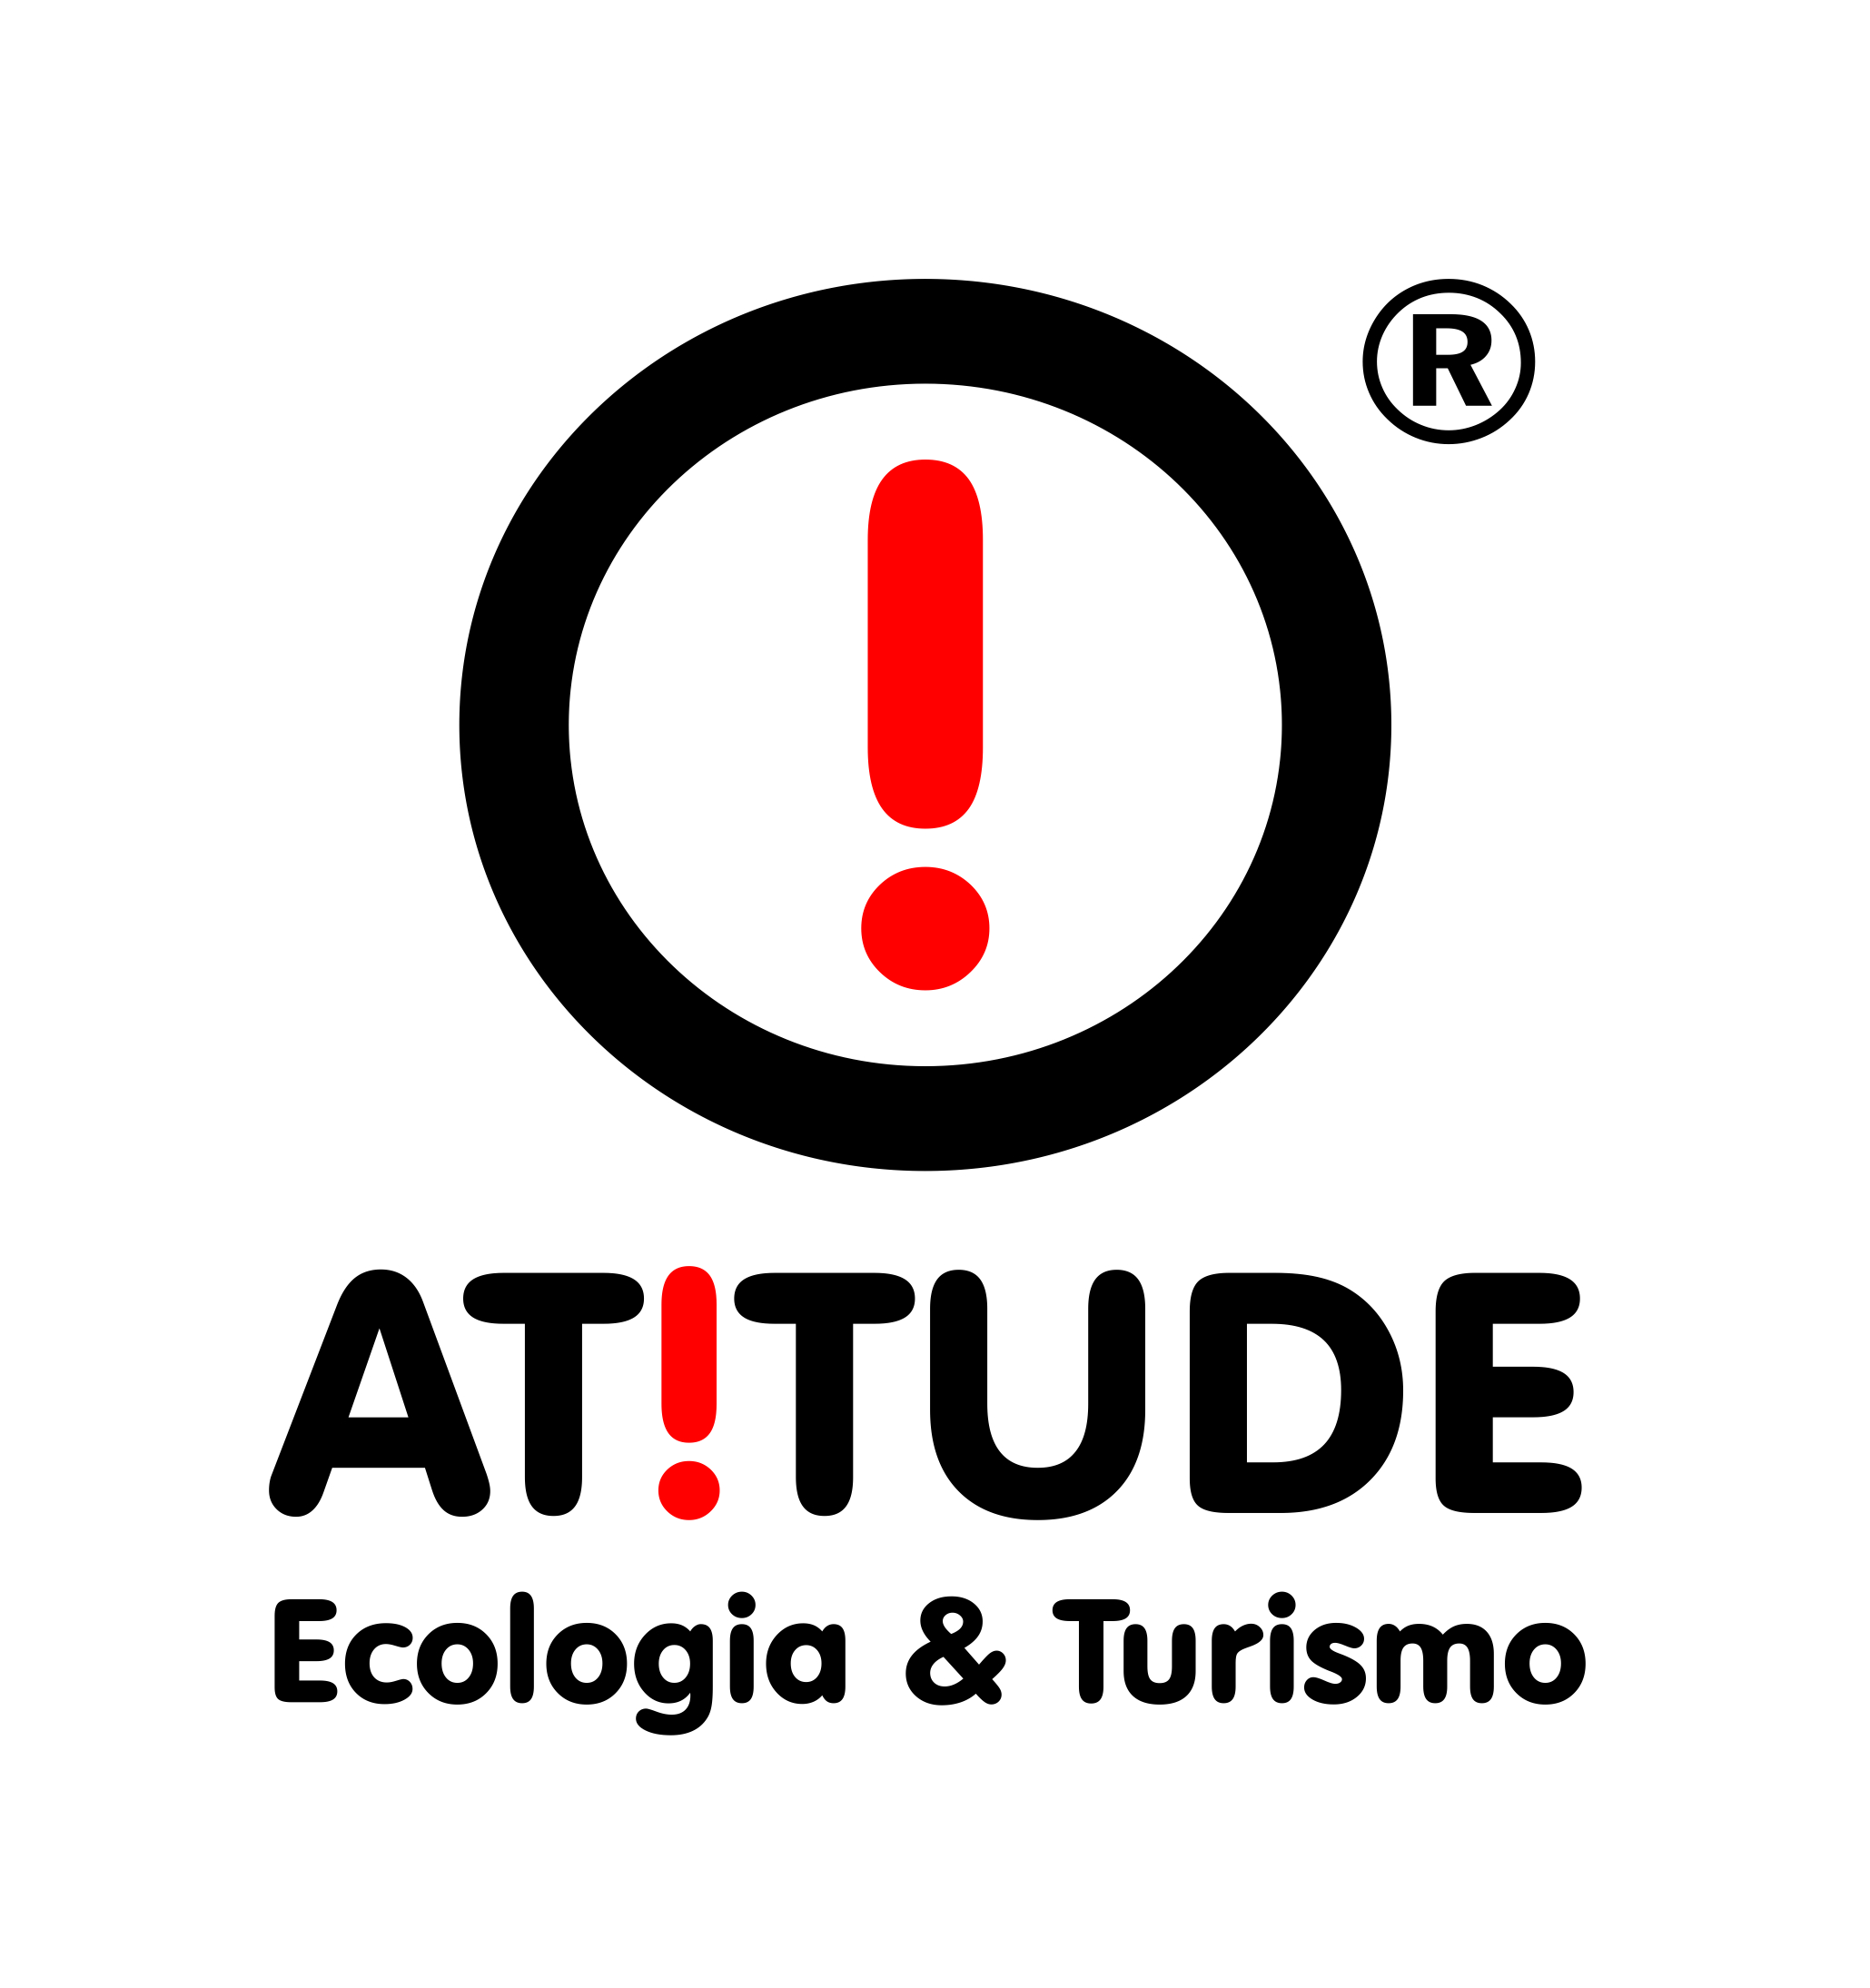 Atitude Ecologia & Turismo